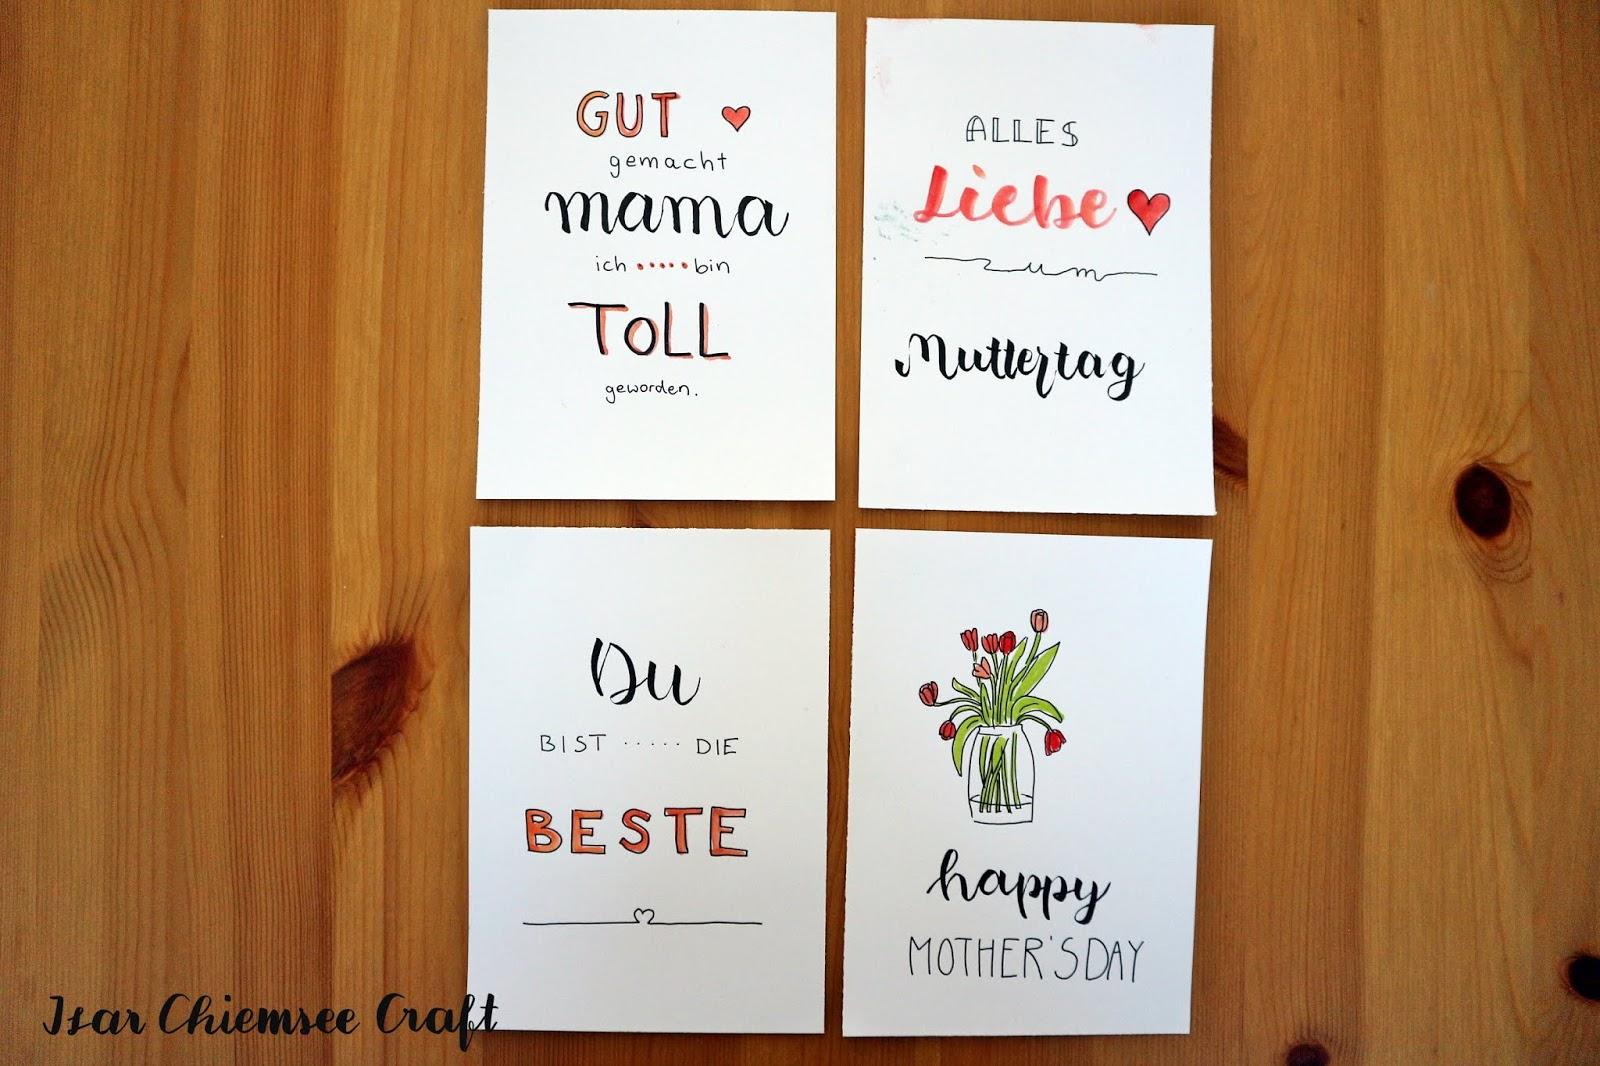 Muttertagskarte mit Handlettering gestalten